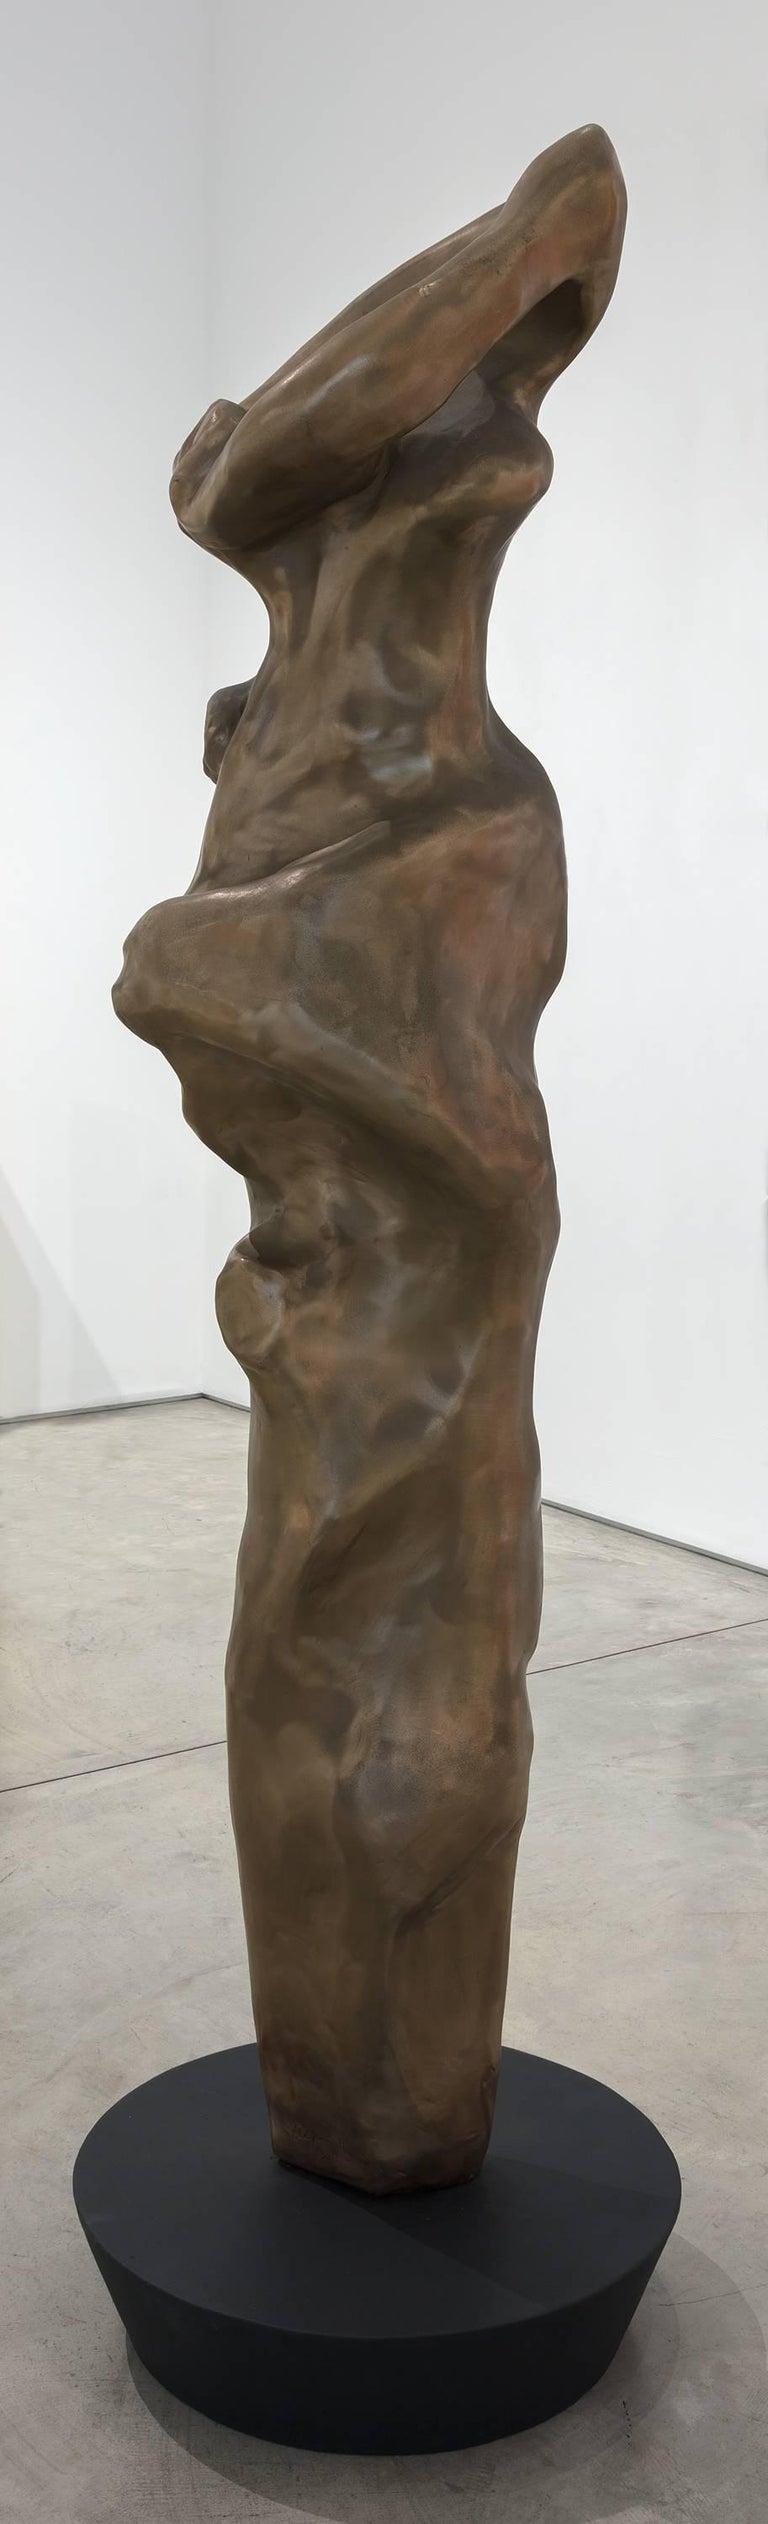 Embrace - Sculpture by Herb Alpert